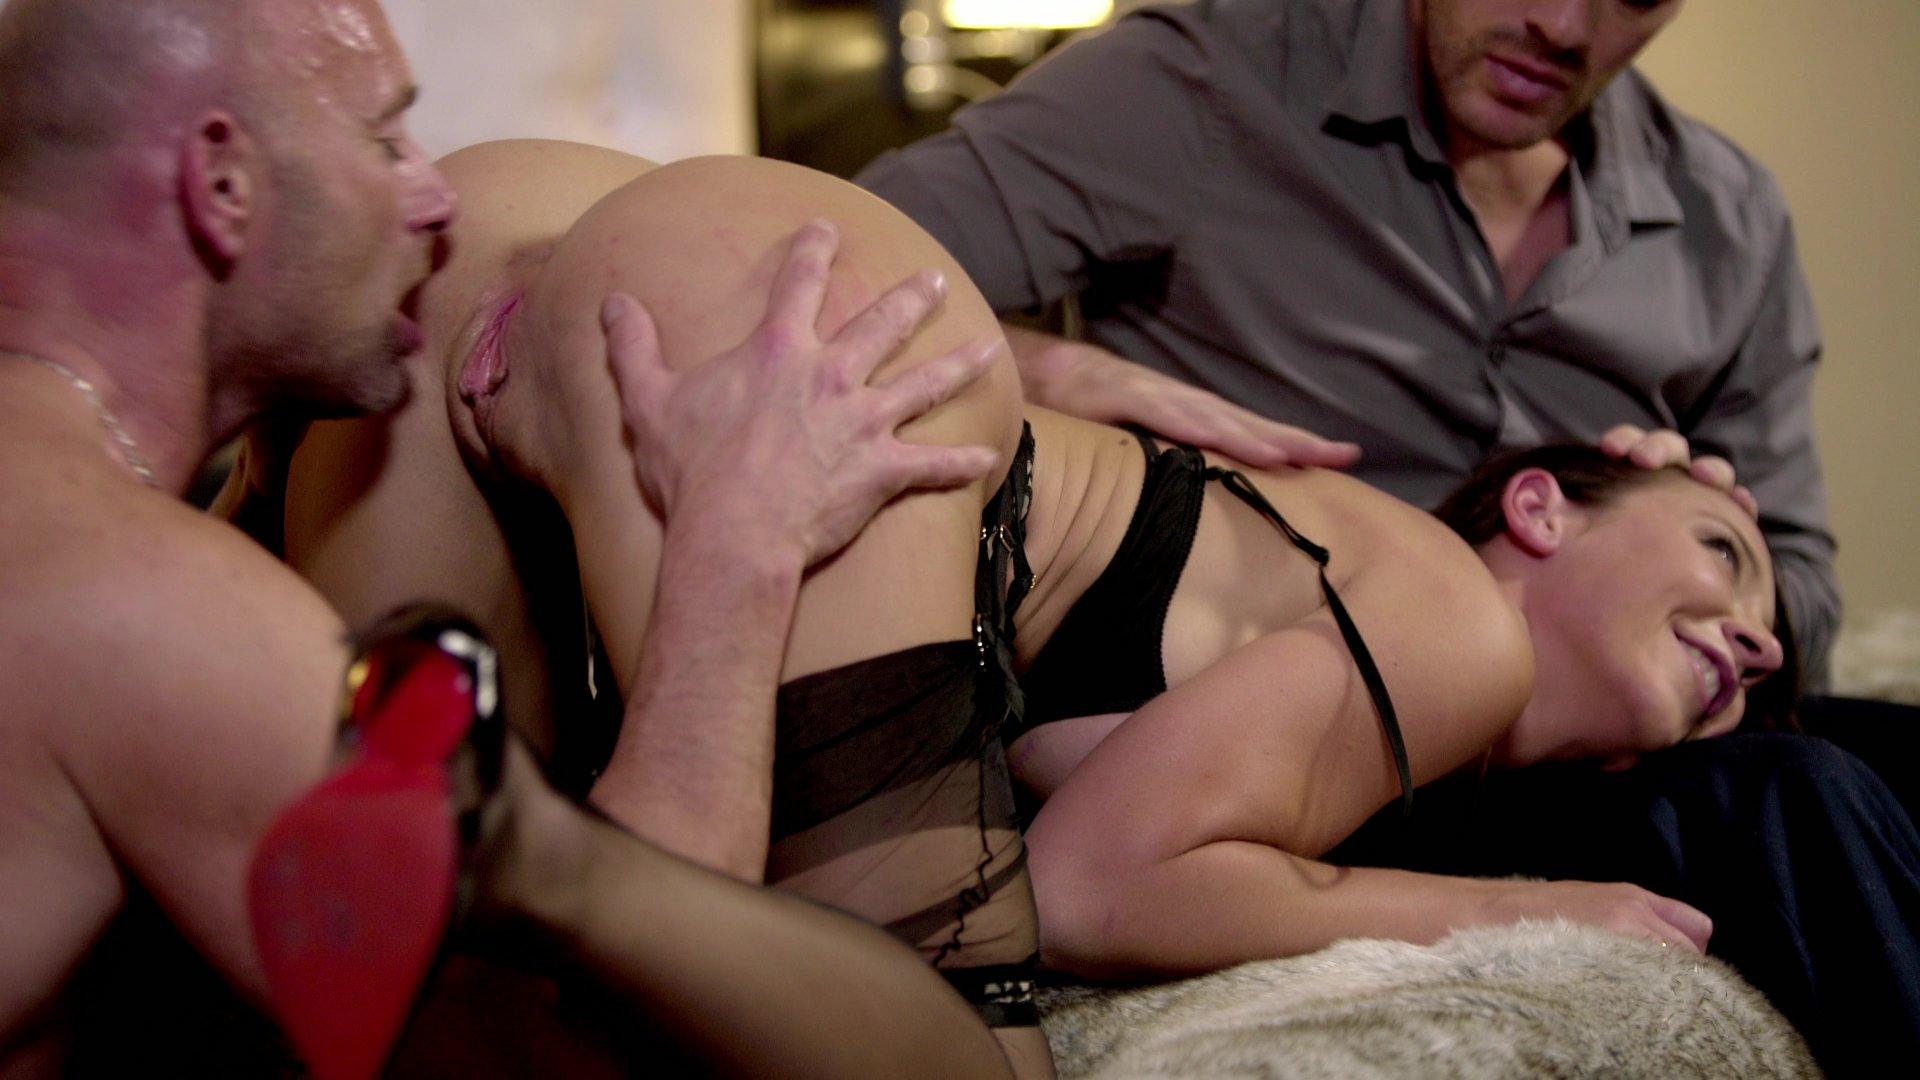 Порно художественный фильм жена иска жужа муж